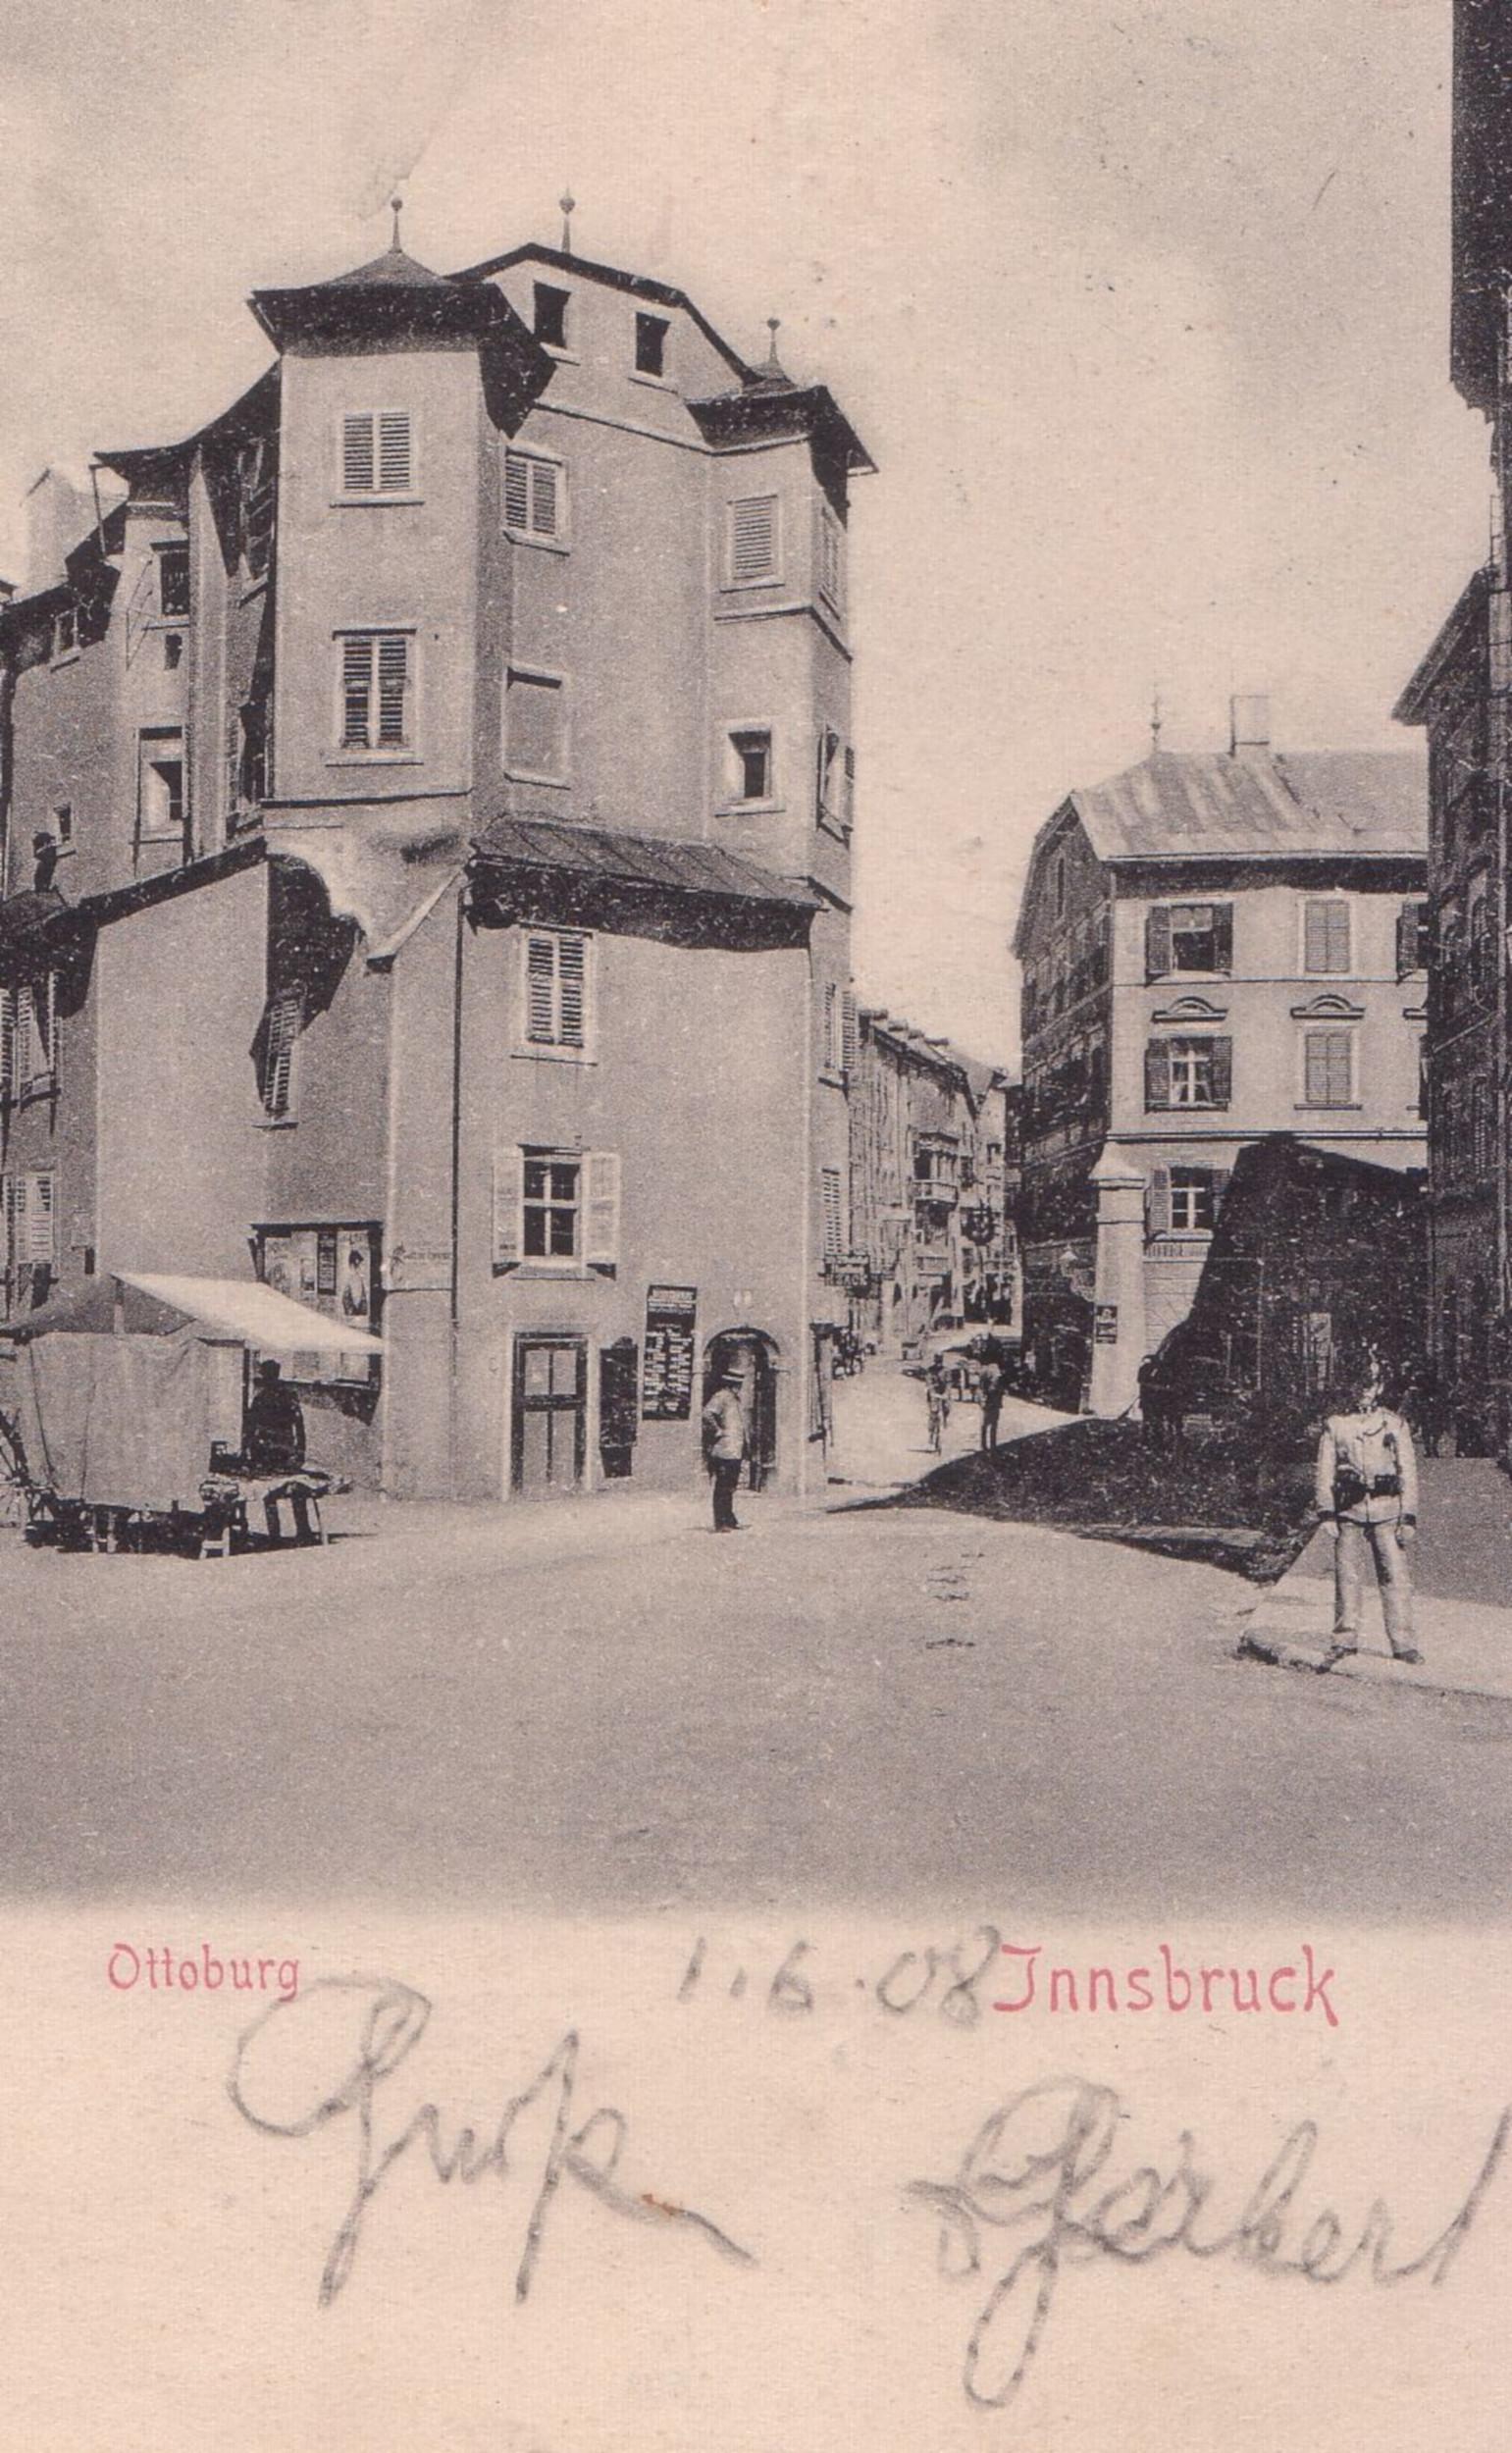 Die Ottoburg